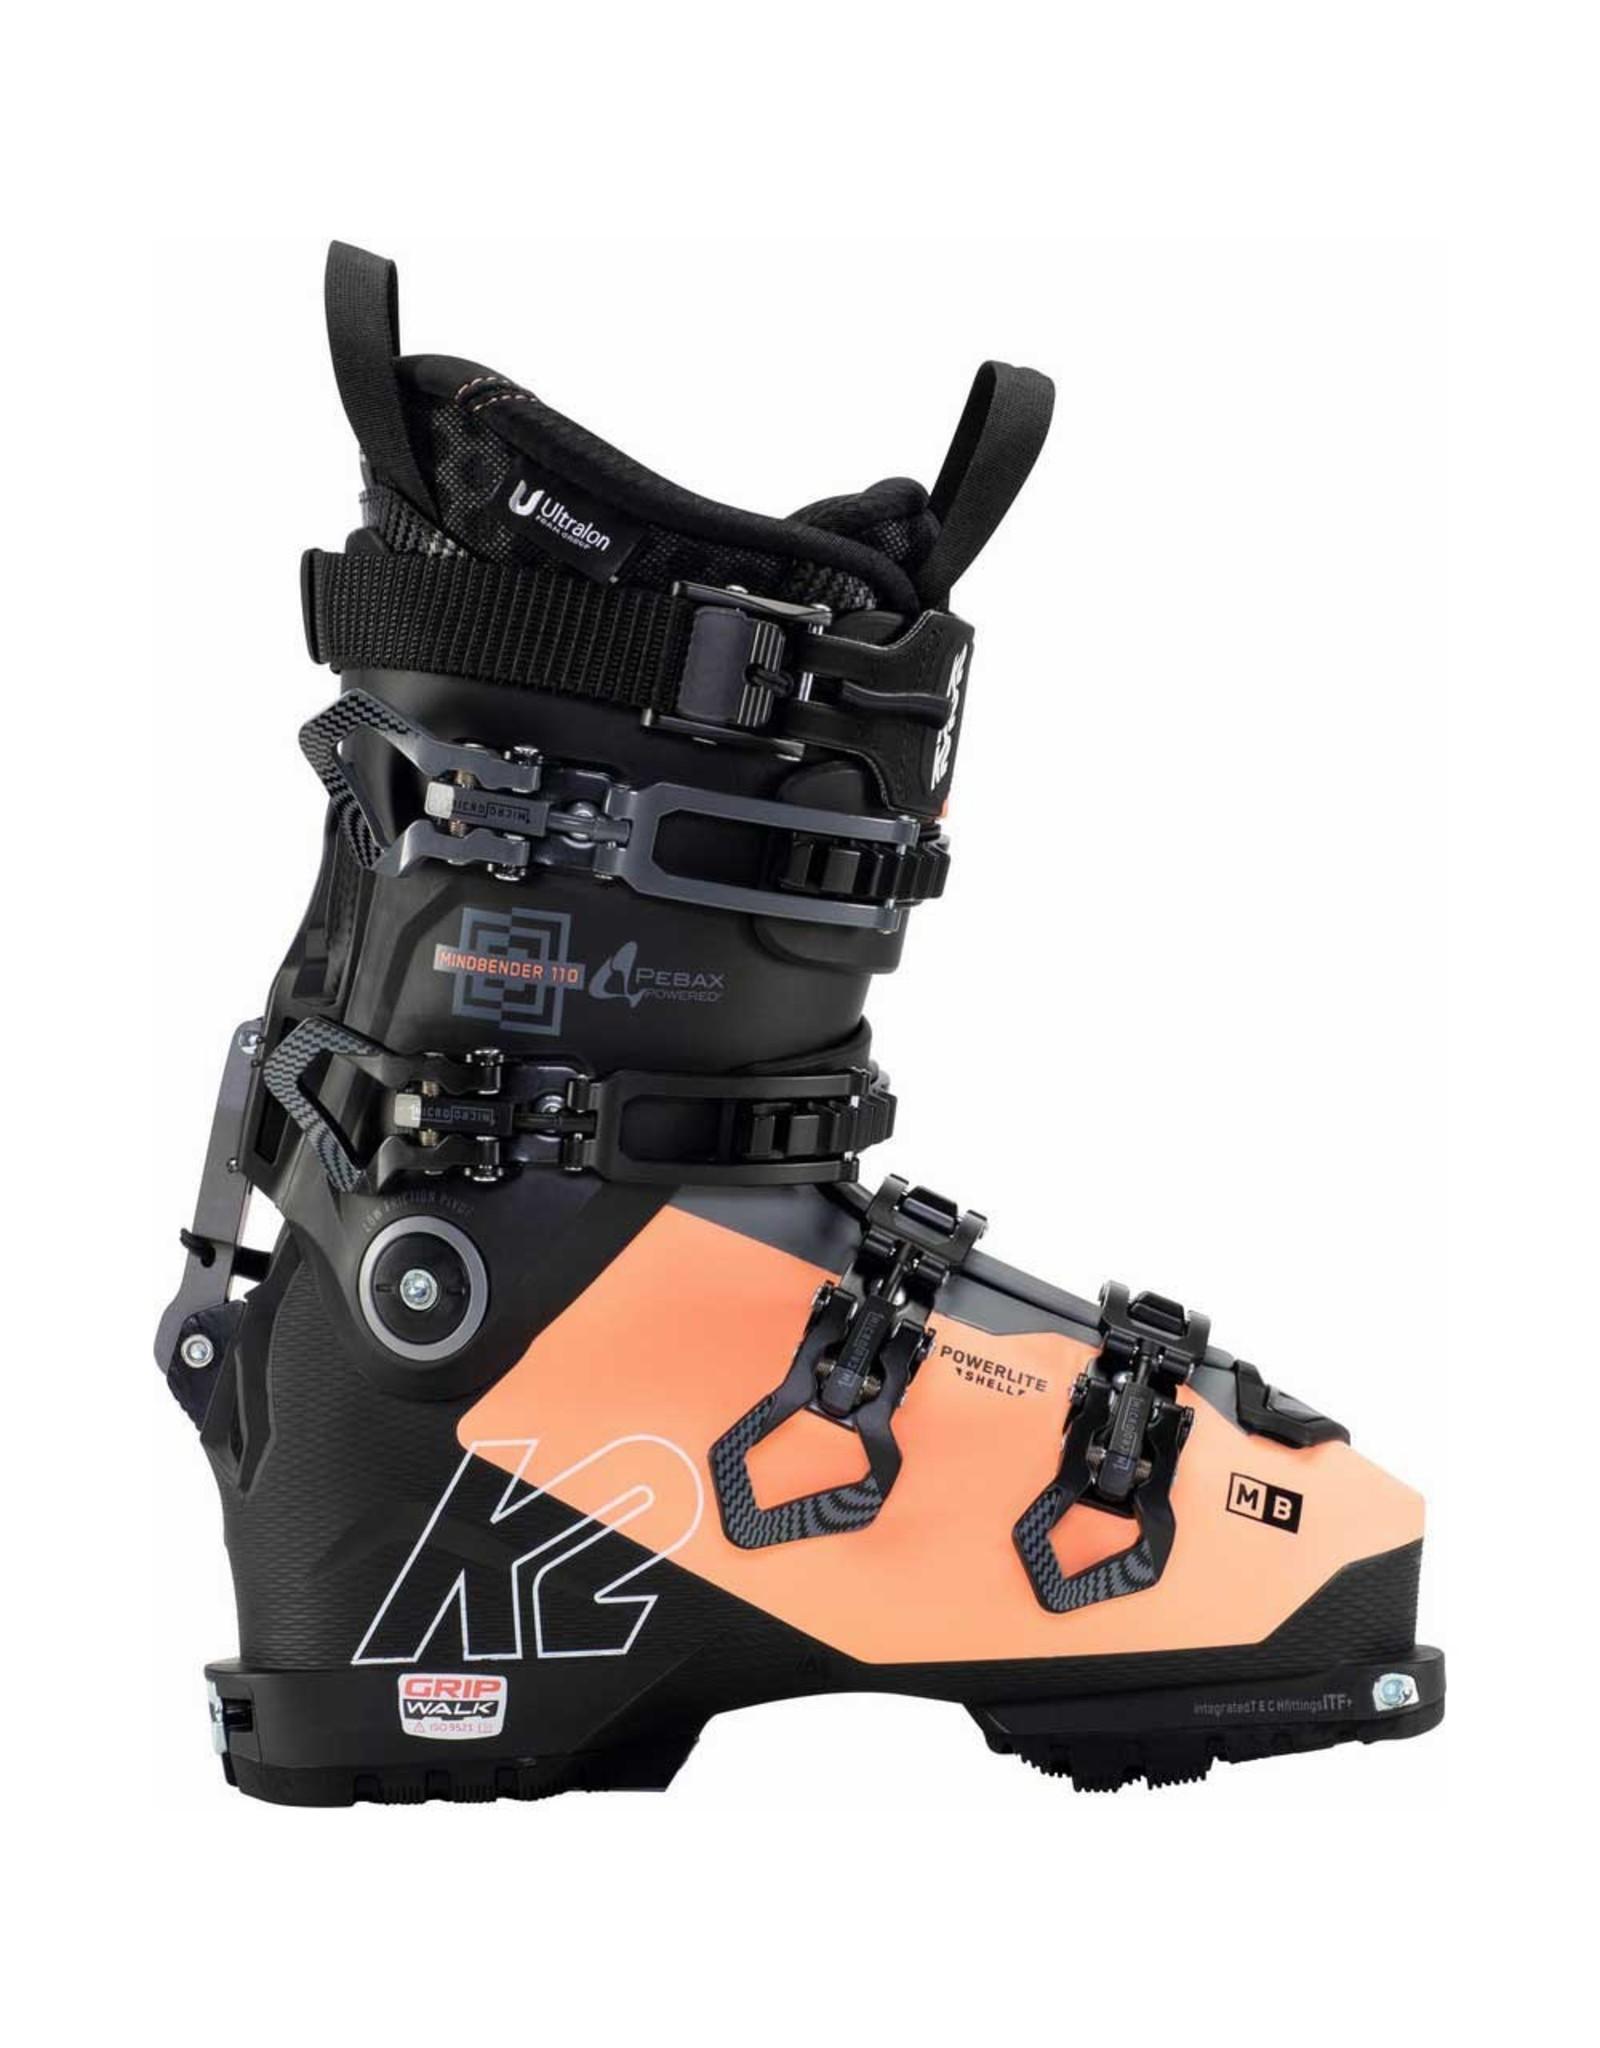 K2 K2 Mindbender 110 Alliance F20